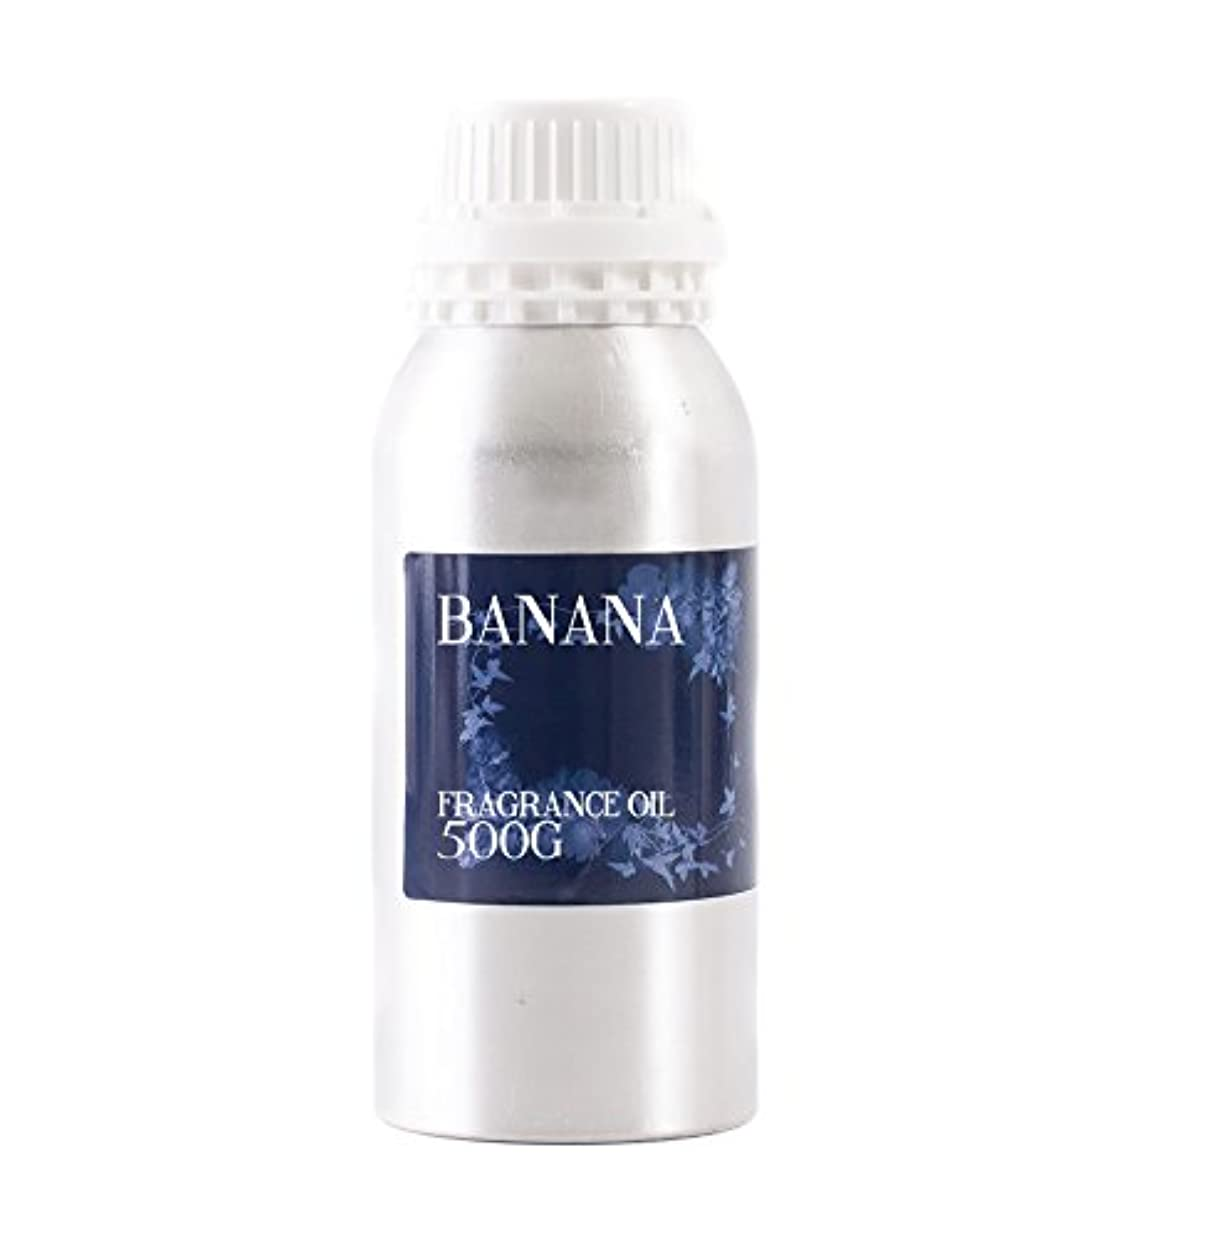 規制する探検責めるMystic Moments | Banana Fragrance Oil - 500g